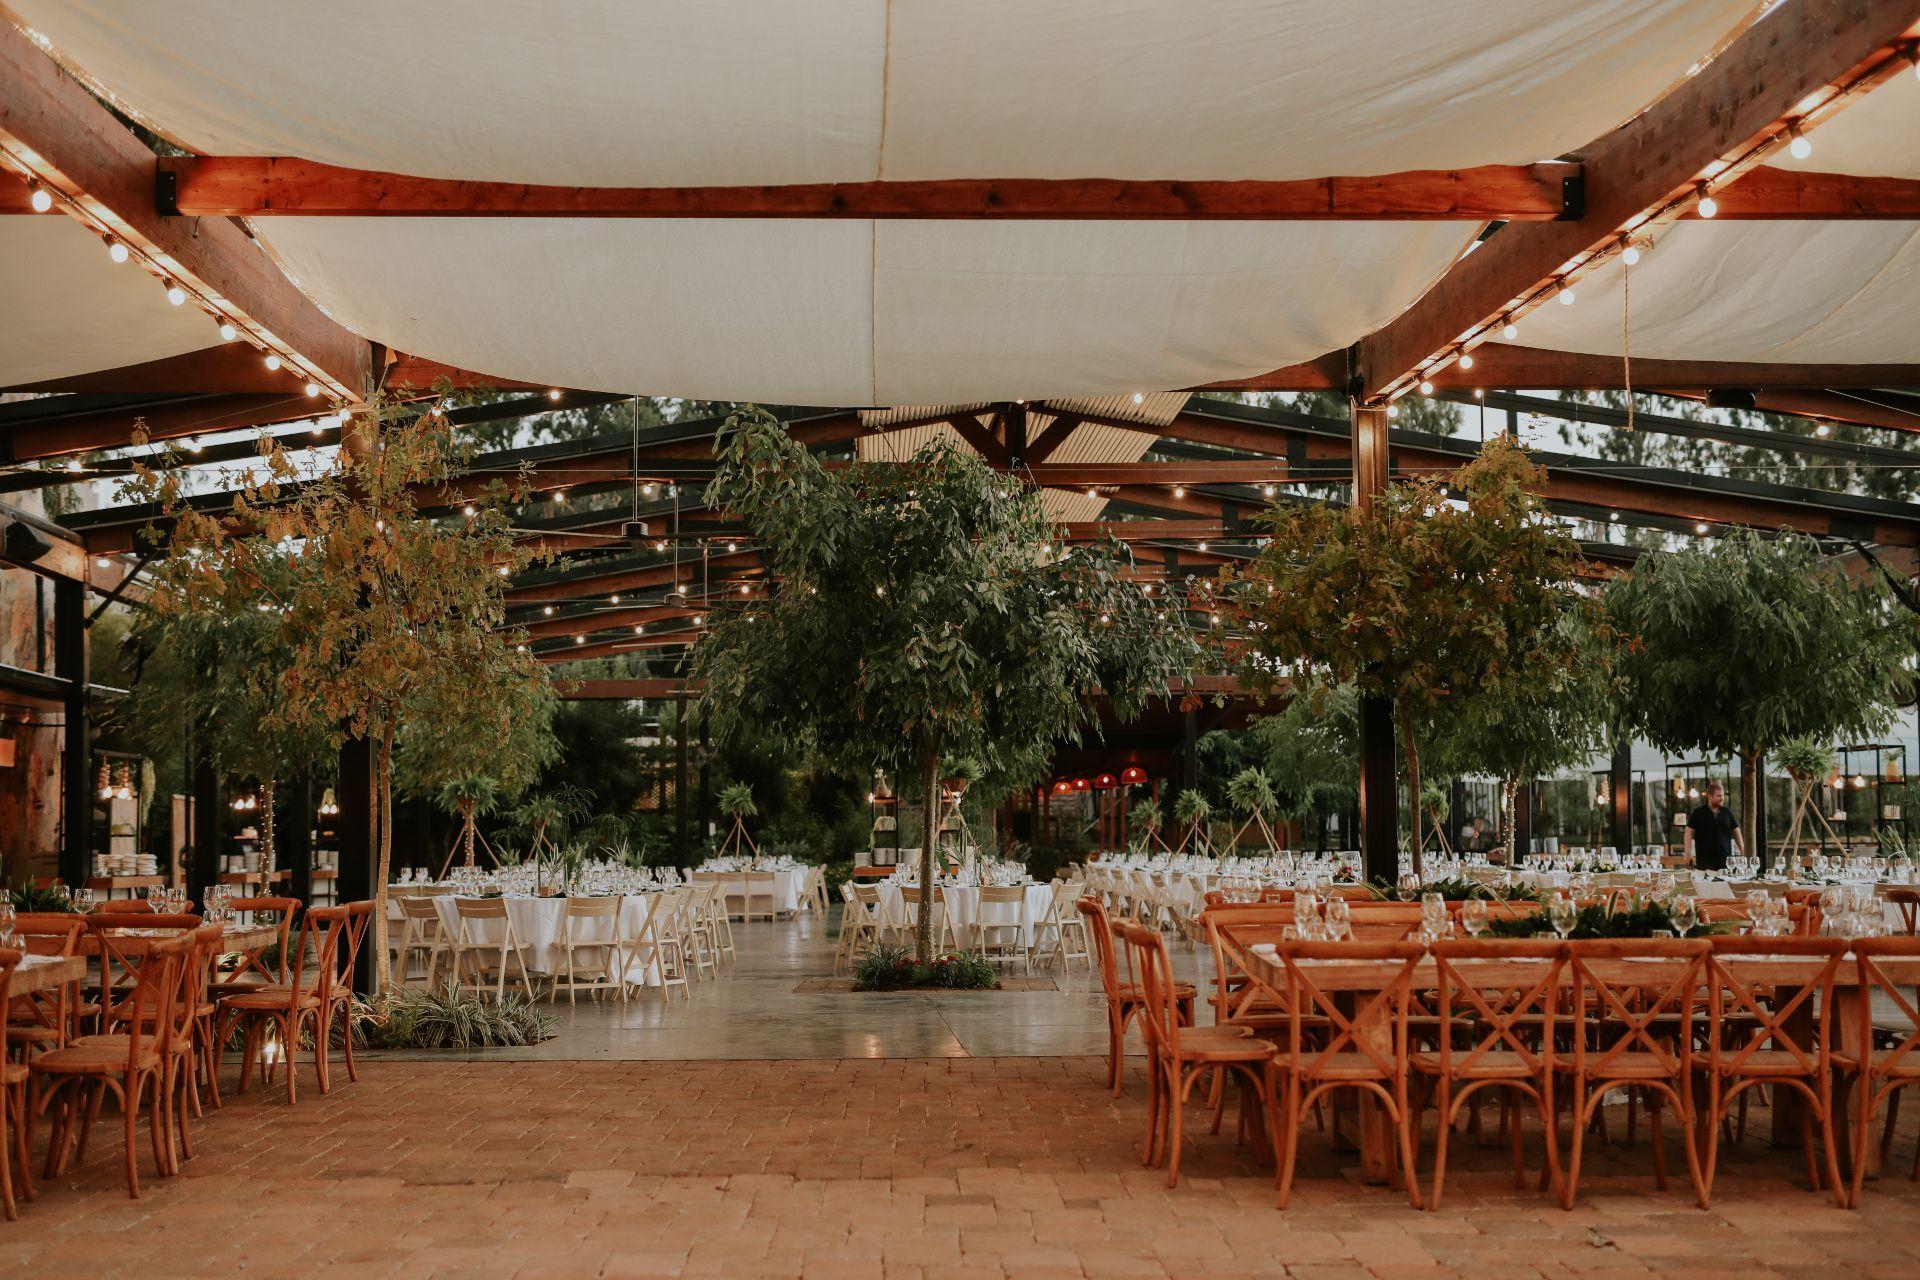 עלים טרופיים ופלמינגו בבריכה: ככה עושים חתונת הוואי